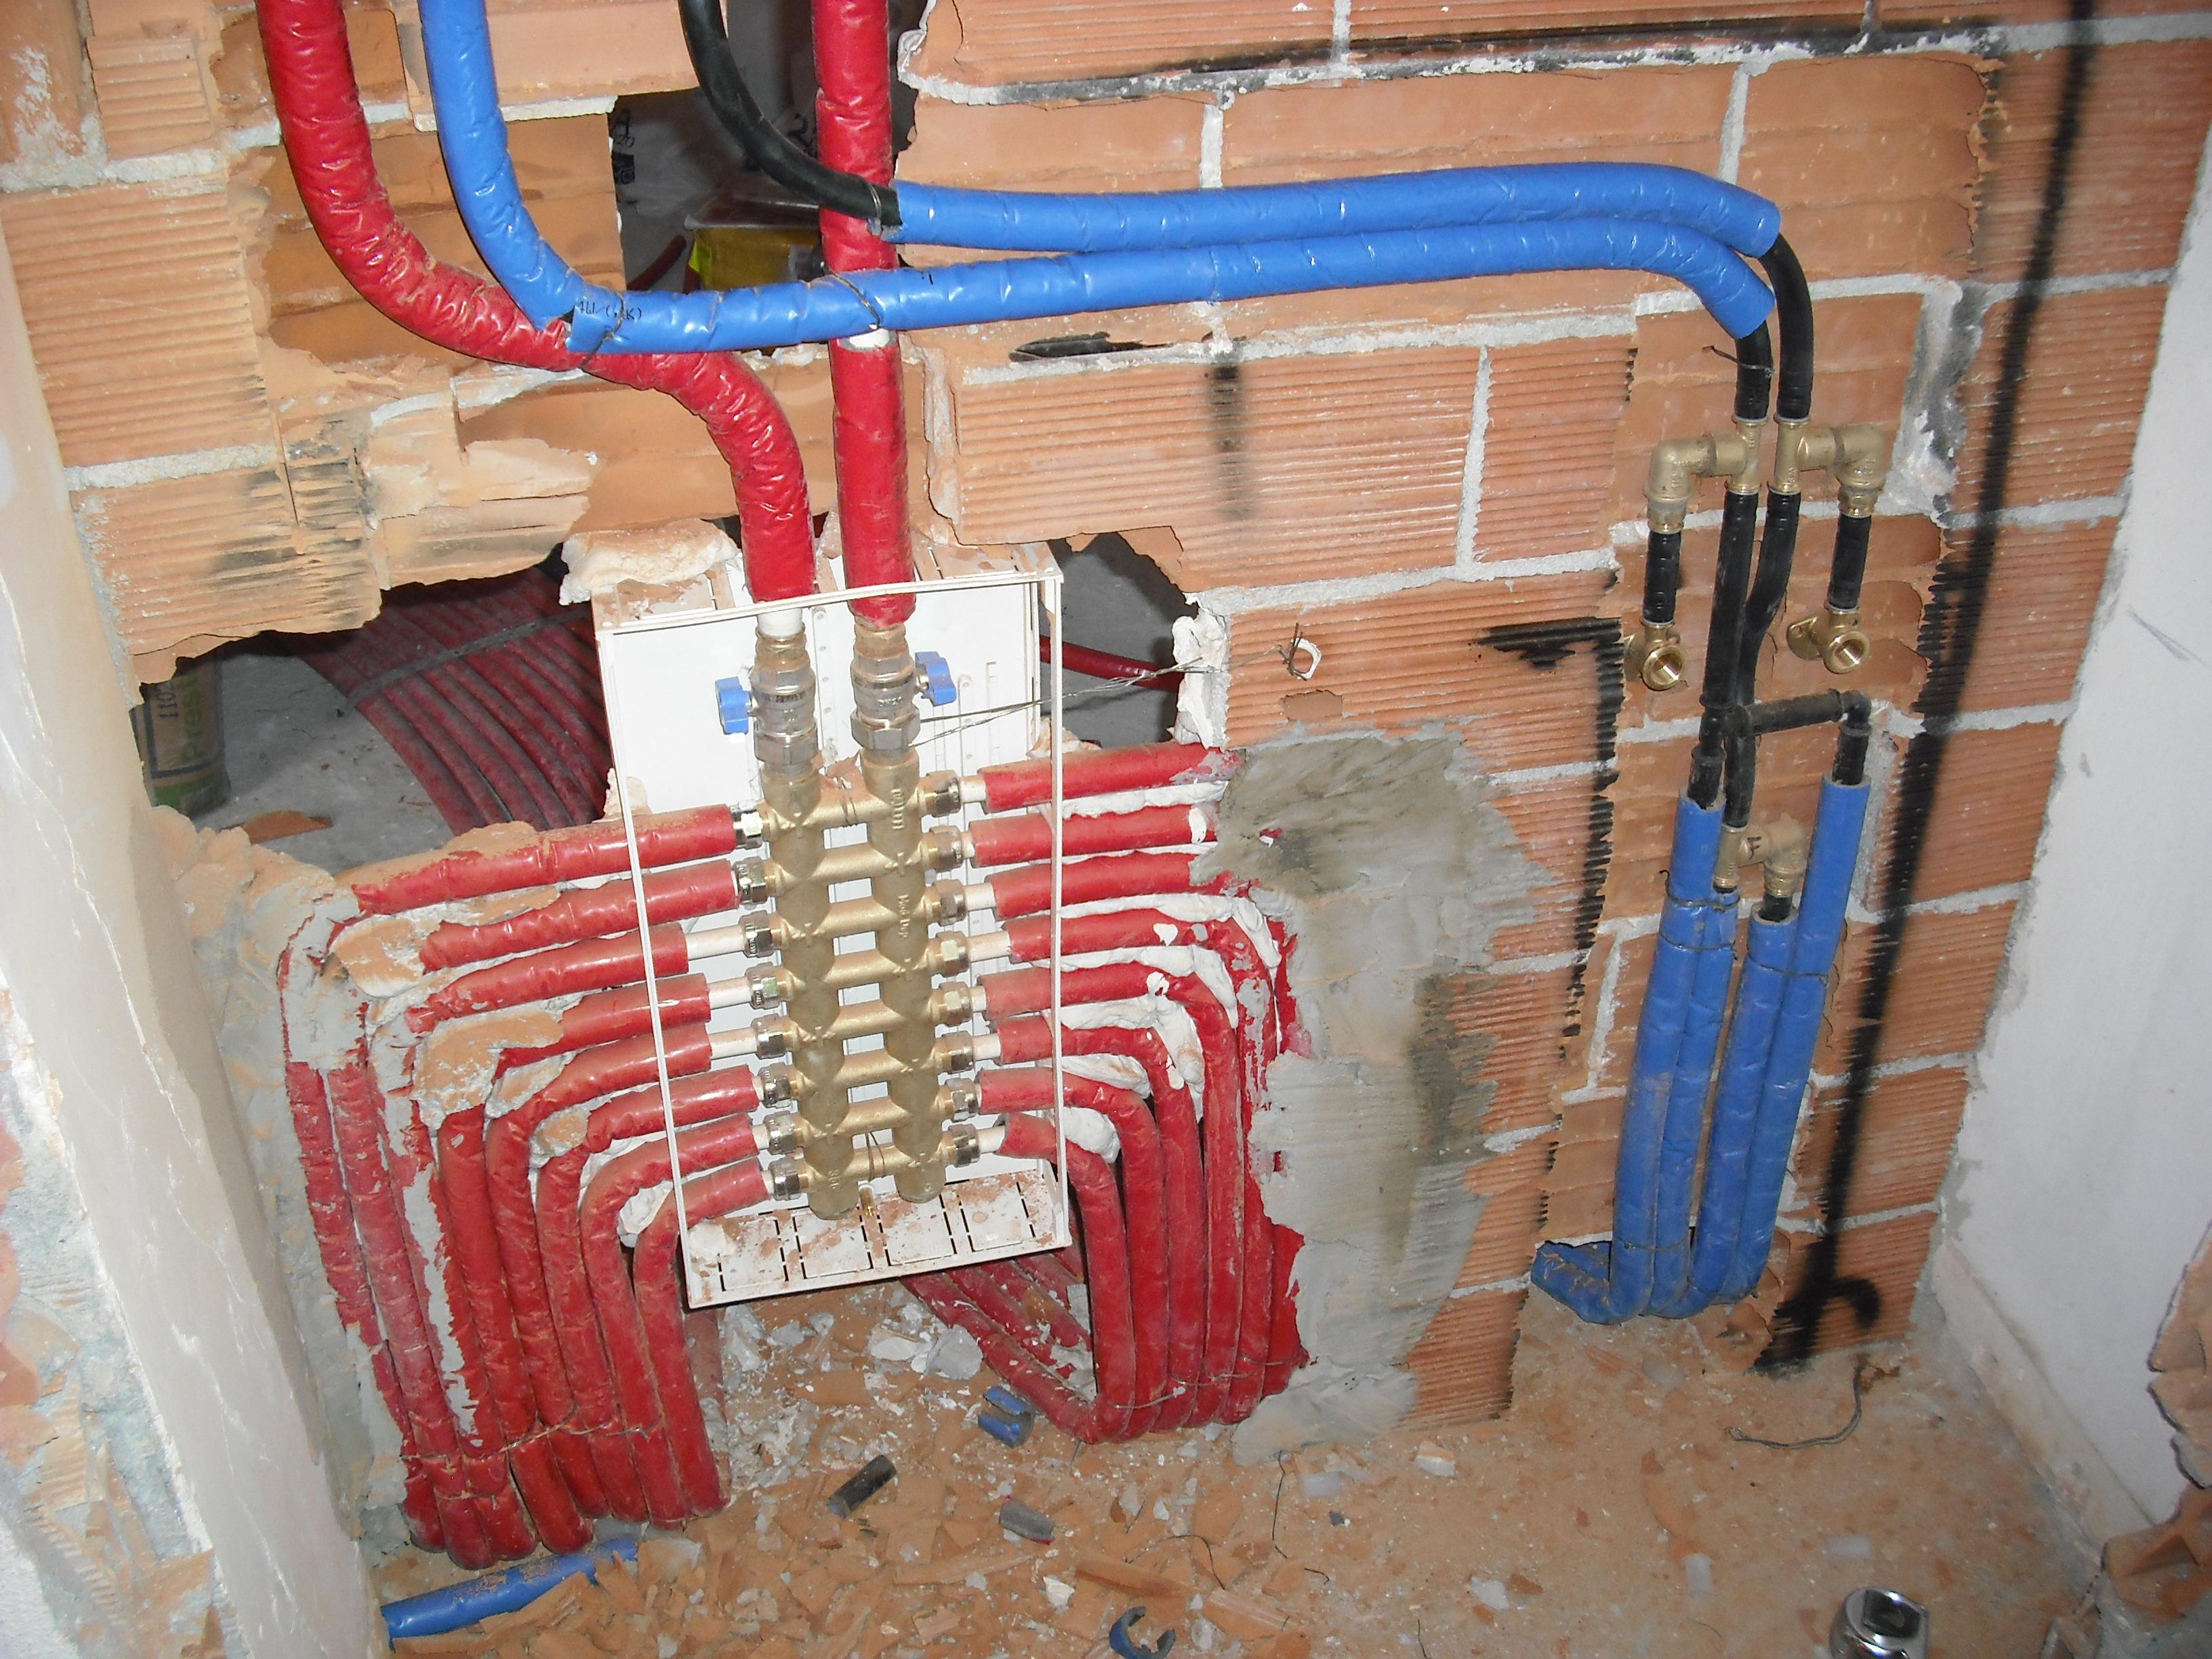 Collettore modul per impianto di riscaldamento - Caldaia per casa 3 piani ...